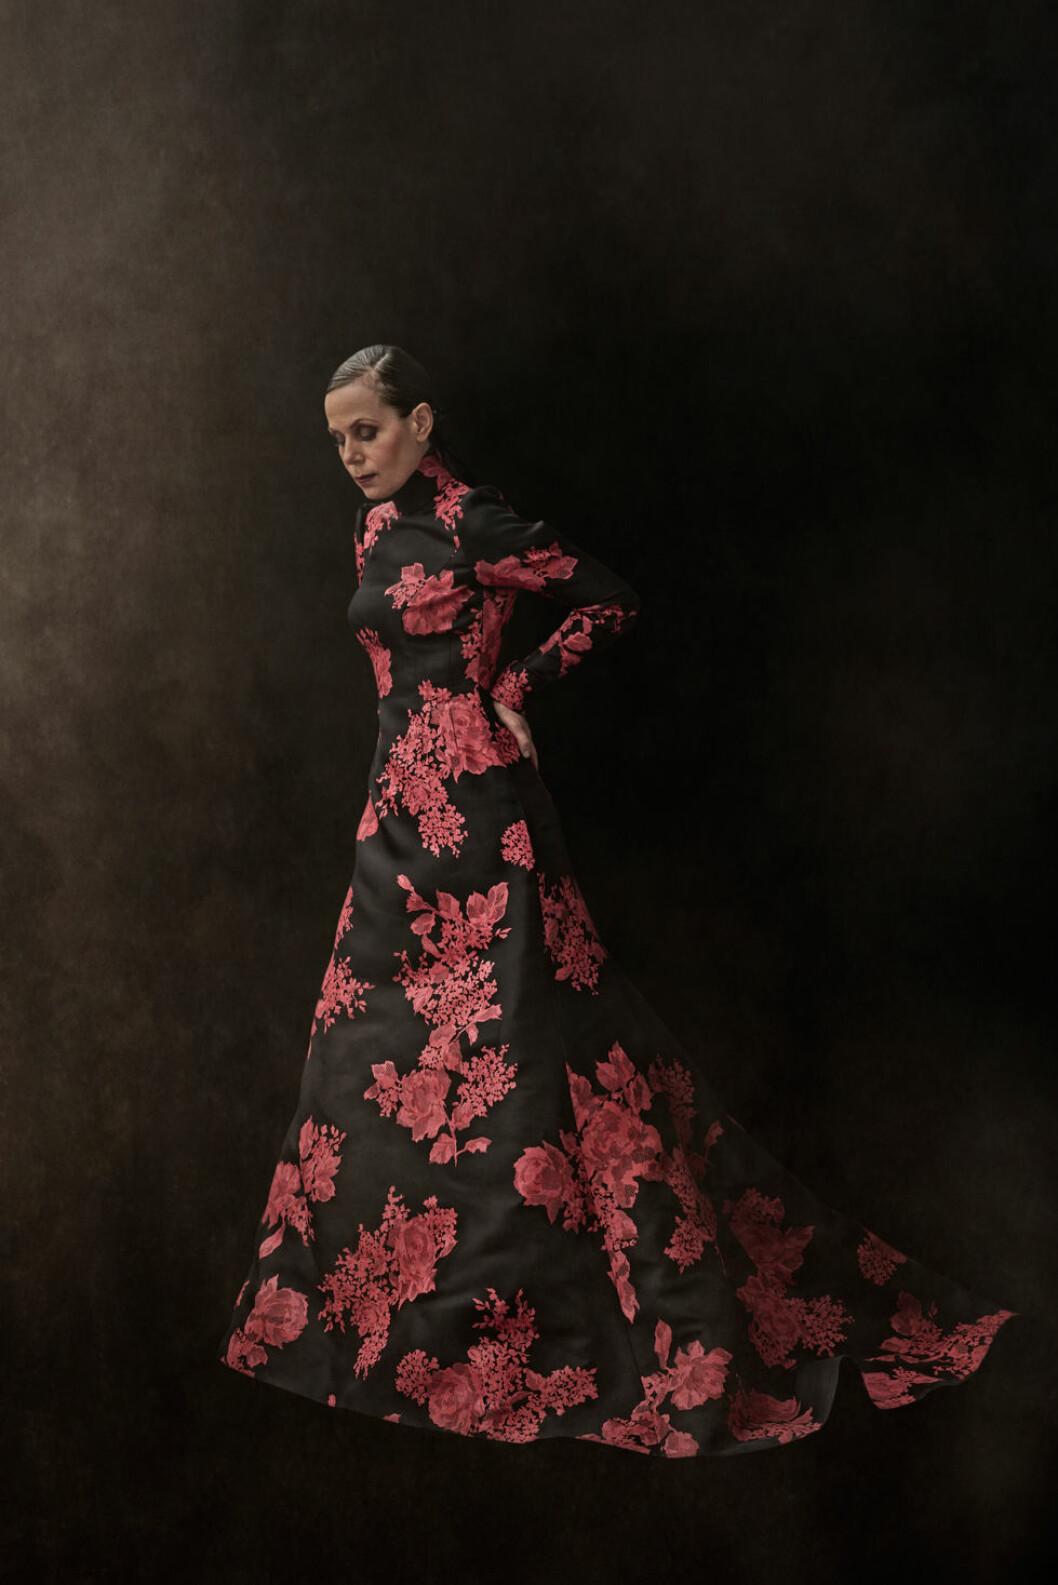 Sara Danius i en rödblommig klänning.